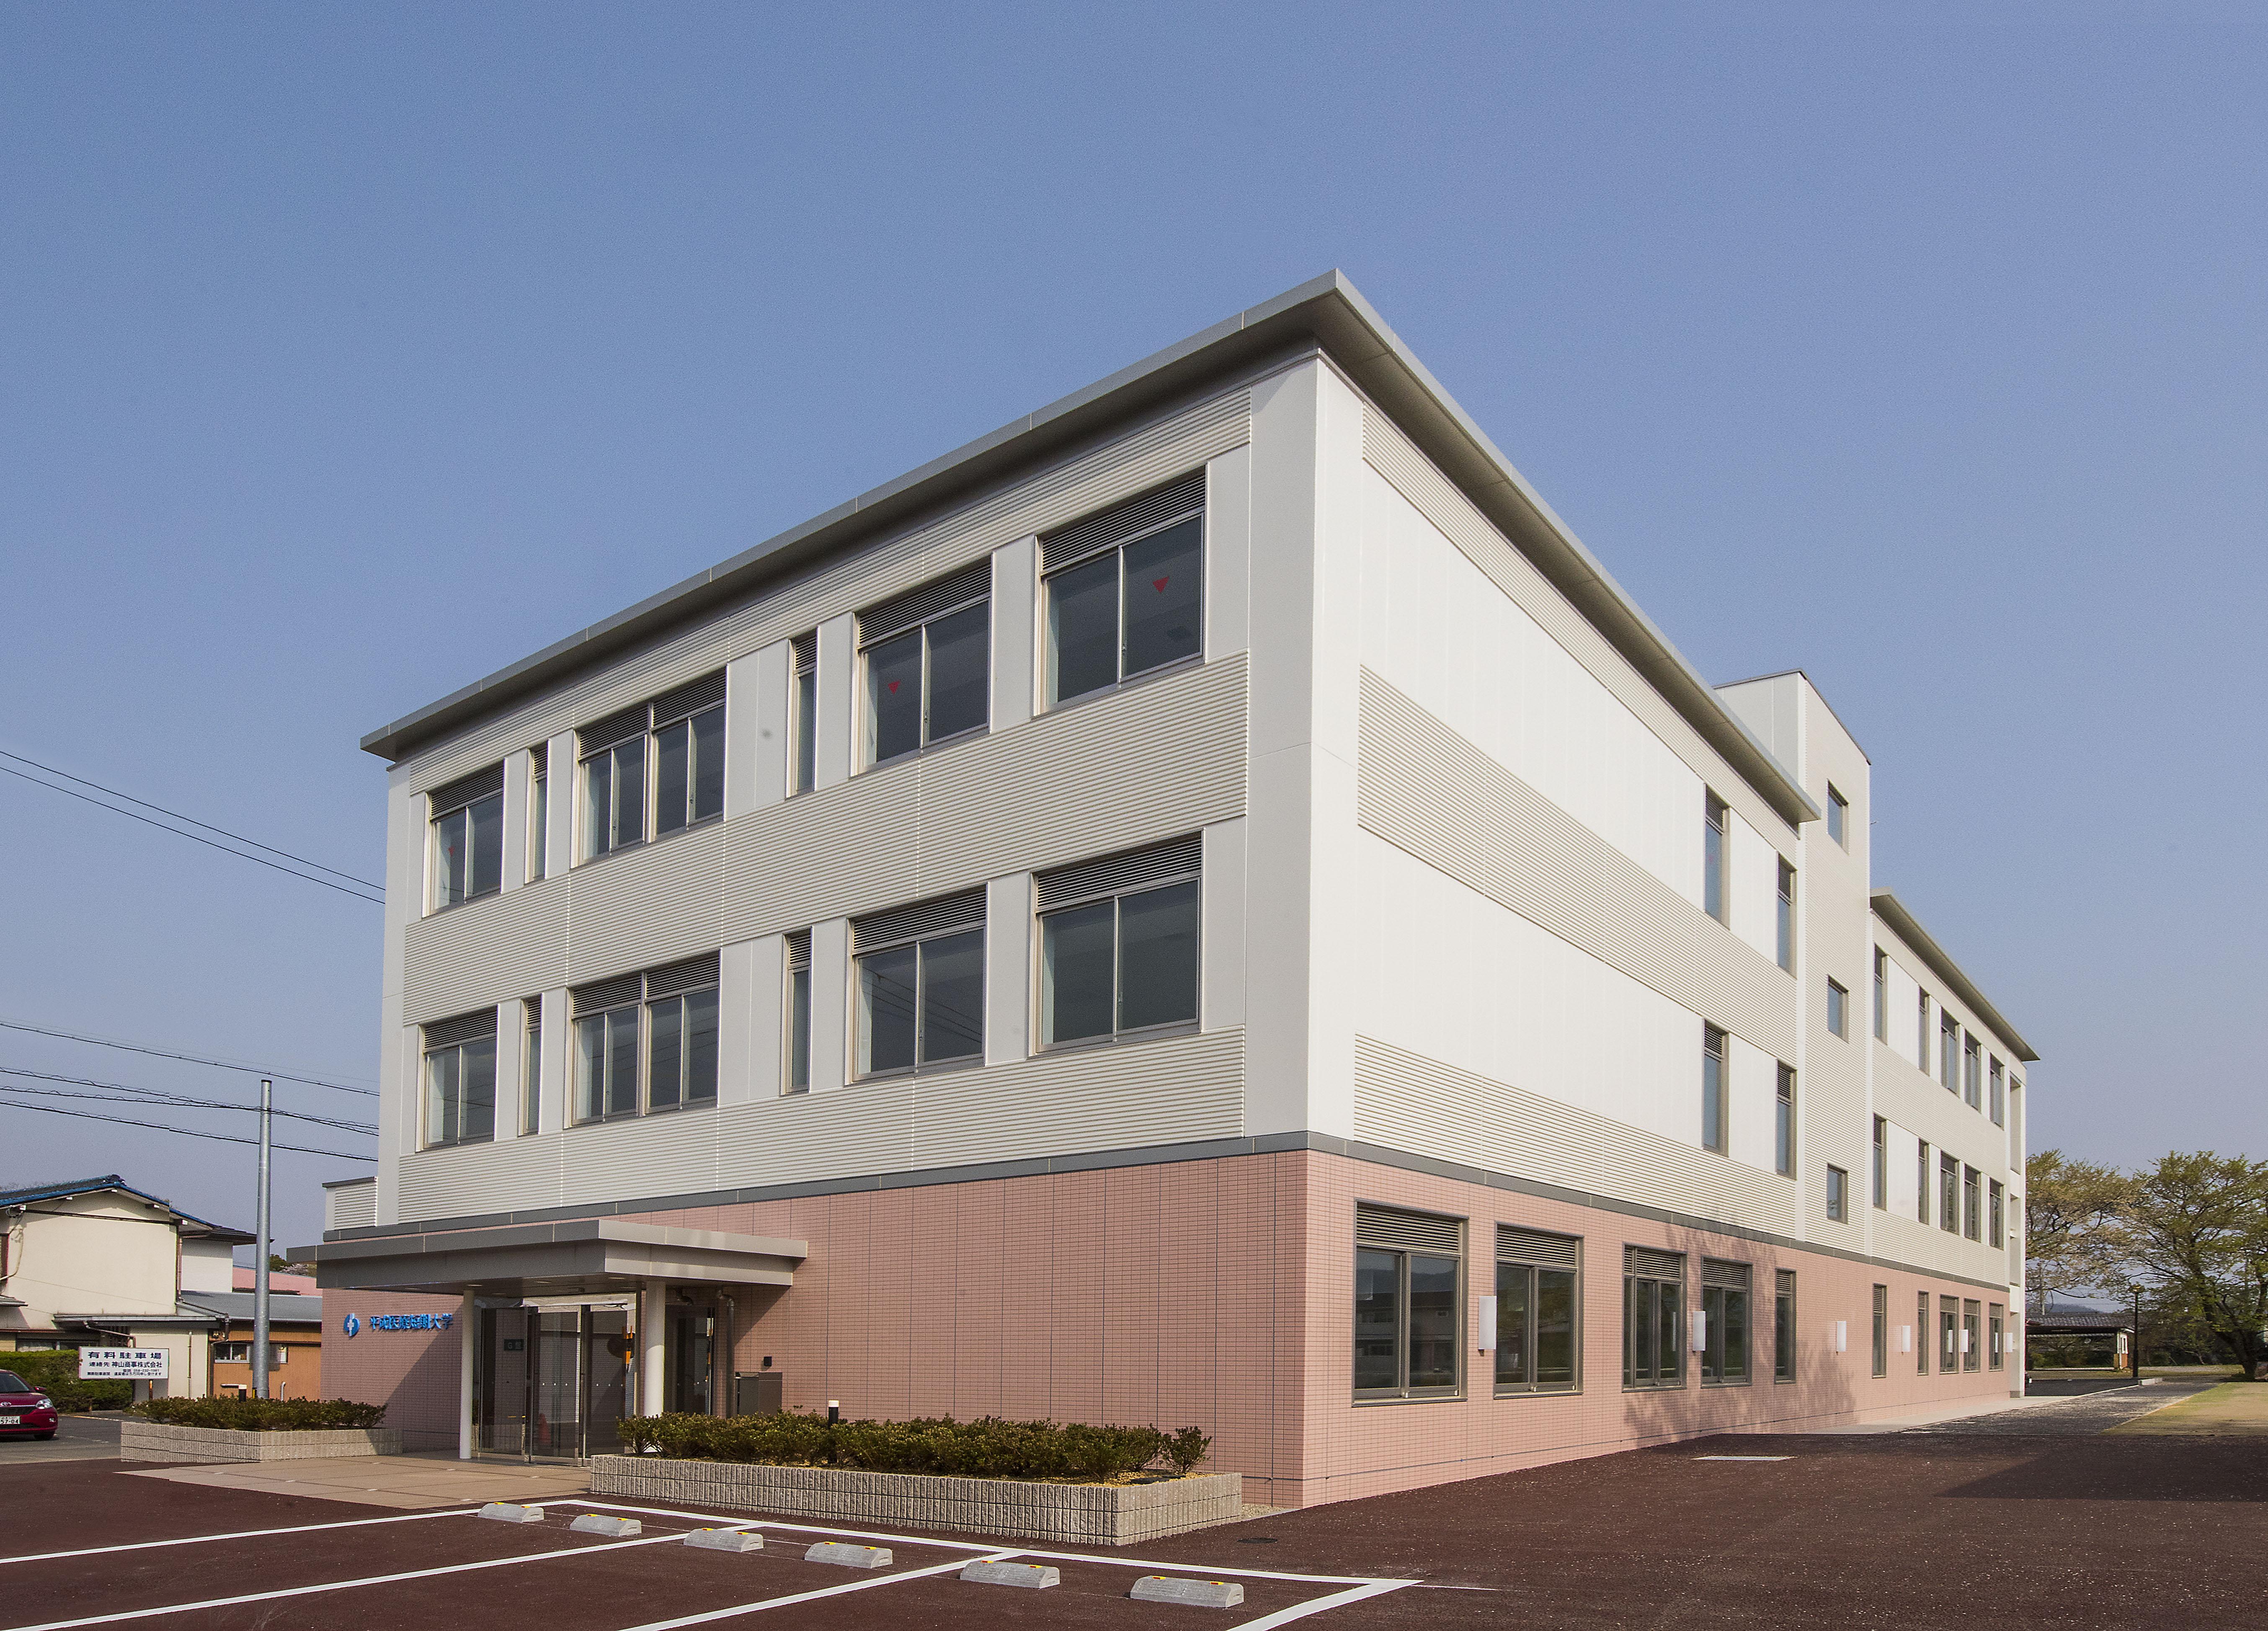 学校法人誠広学園 様 平成医療短期大学校舎 G館 【増築】